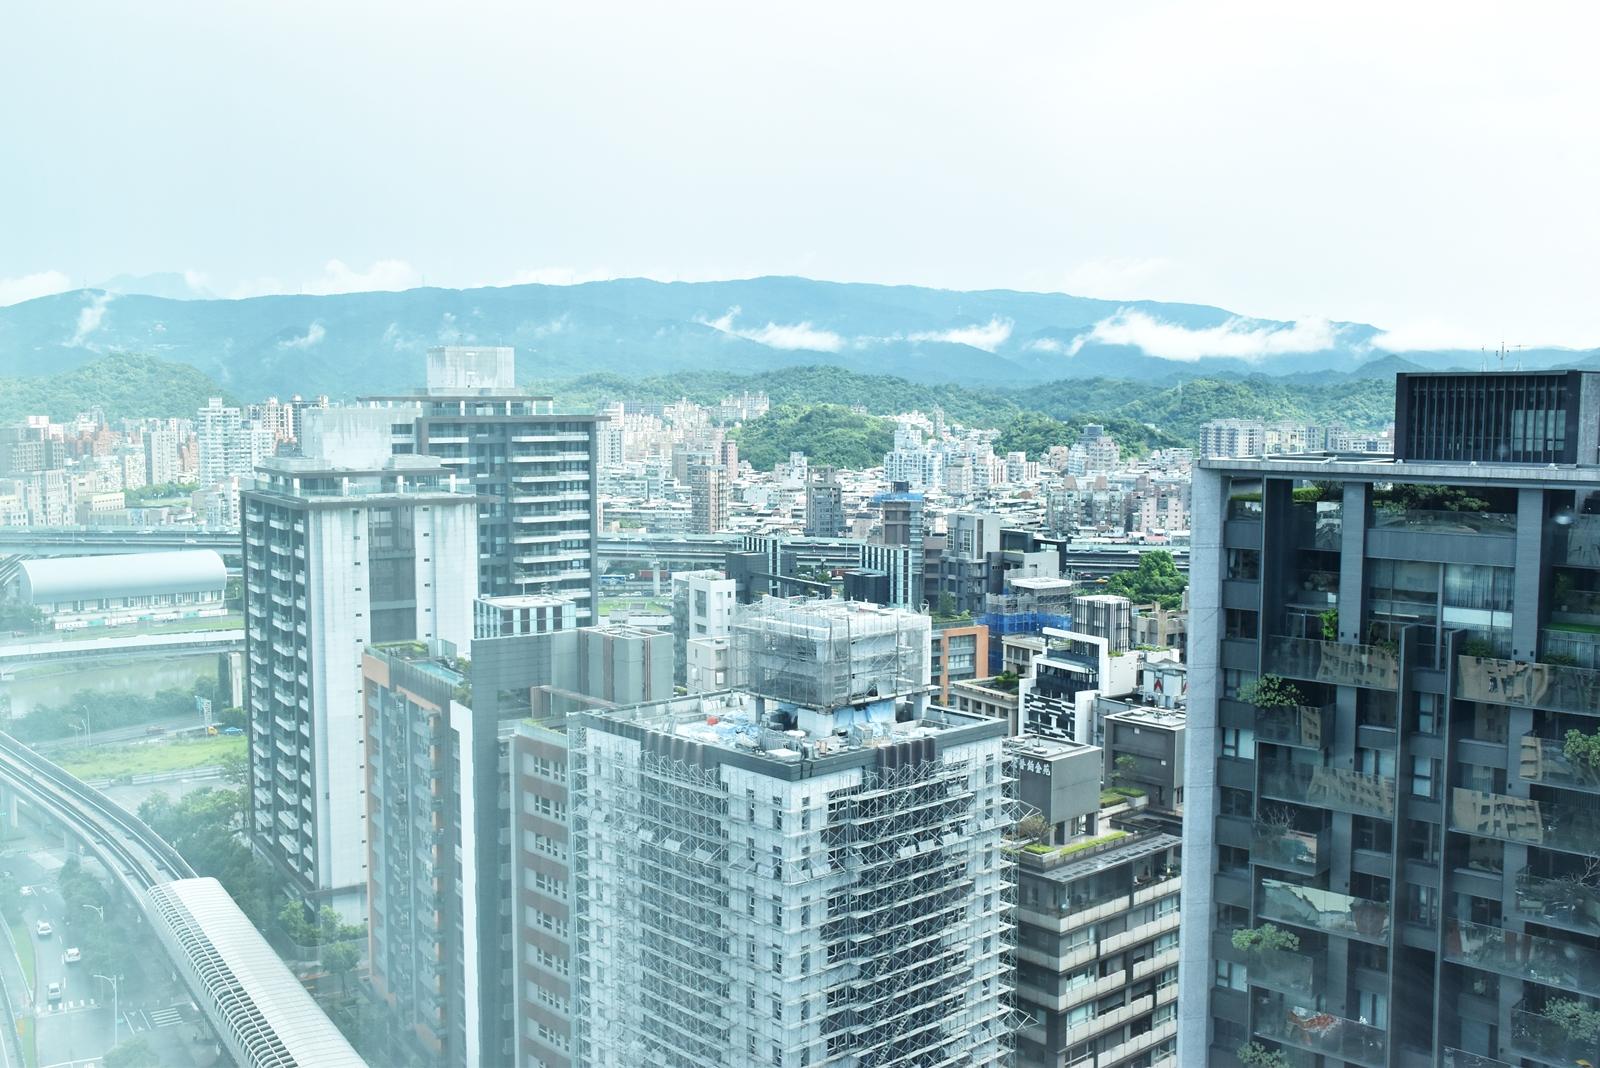 [臺北住宿] 南港老爺行旅 The Place Taipei:輕旅時尚品味住宿 | 《早餐女皇之蔬食日常》